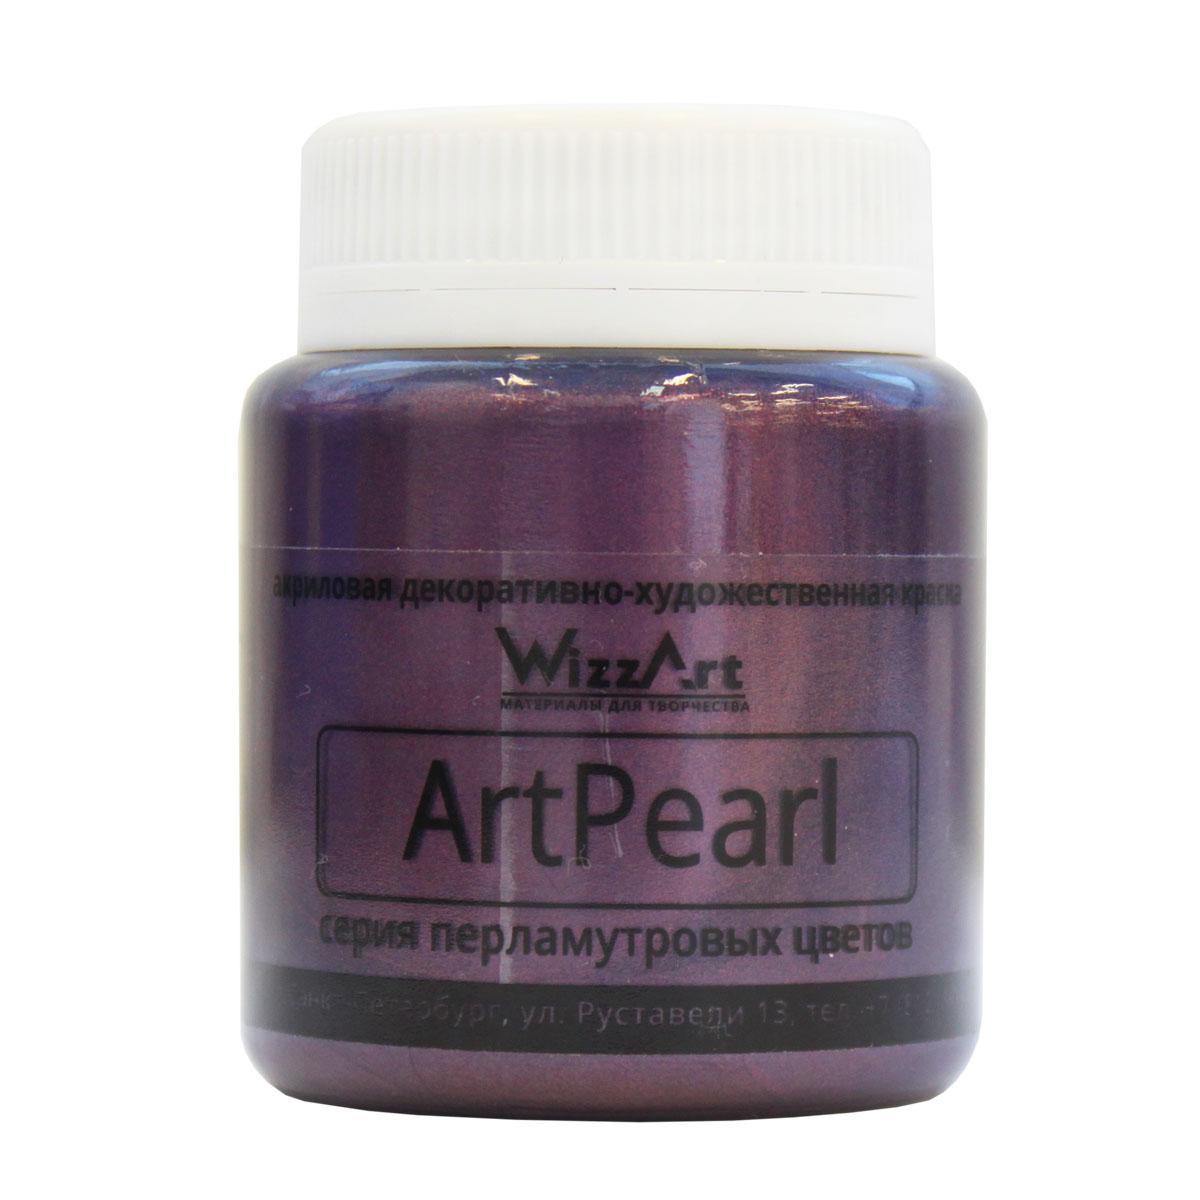 Краска акриловая WizzArt ArtPearl, цвет: баклажан, 80 мл501026Линейка акриловых красок WizzArt под названием ArtPearl — это широкий ассортимент перламутровых оттенков. Эффект перламутра помогает создать красивейшие рисунки и замечательный декор. Перламутровая акриловая краска быстро высыхает, прочно держится, создает ровную и гладкую поверхность, которая красиво переливается на свету. Ее мягкое сияние придаст изюминку любому произведению декоративно-прикладного искусства. Все краски WizzArt отлично совместимы между собой, что открывает широкие горизонты для реализации творческих идей. Ими можно декорировать посуду, открытки, рамки для фото, подарочные коробки, зеркала, елочные игрушки. Акриловые краски WizzArt обладают равномерной текстурой, отлично ложатся на любую обезжиренную поверхность и надежно держатся на ней после высыхания, надолго сохраняя яркость цвета и эластичность. Данные краски не содержат токсичных веществ и не имеют сильного запаха.Объем: 80 мл.Товар сертифицирован.